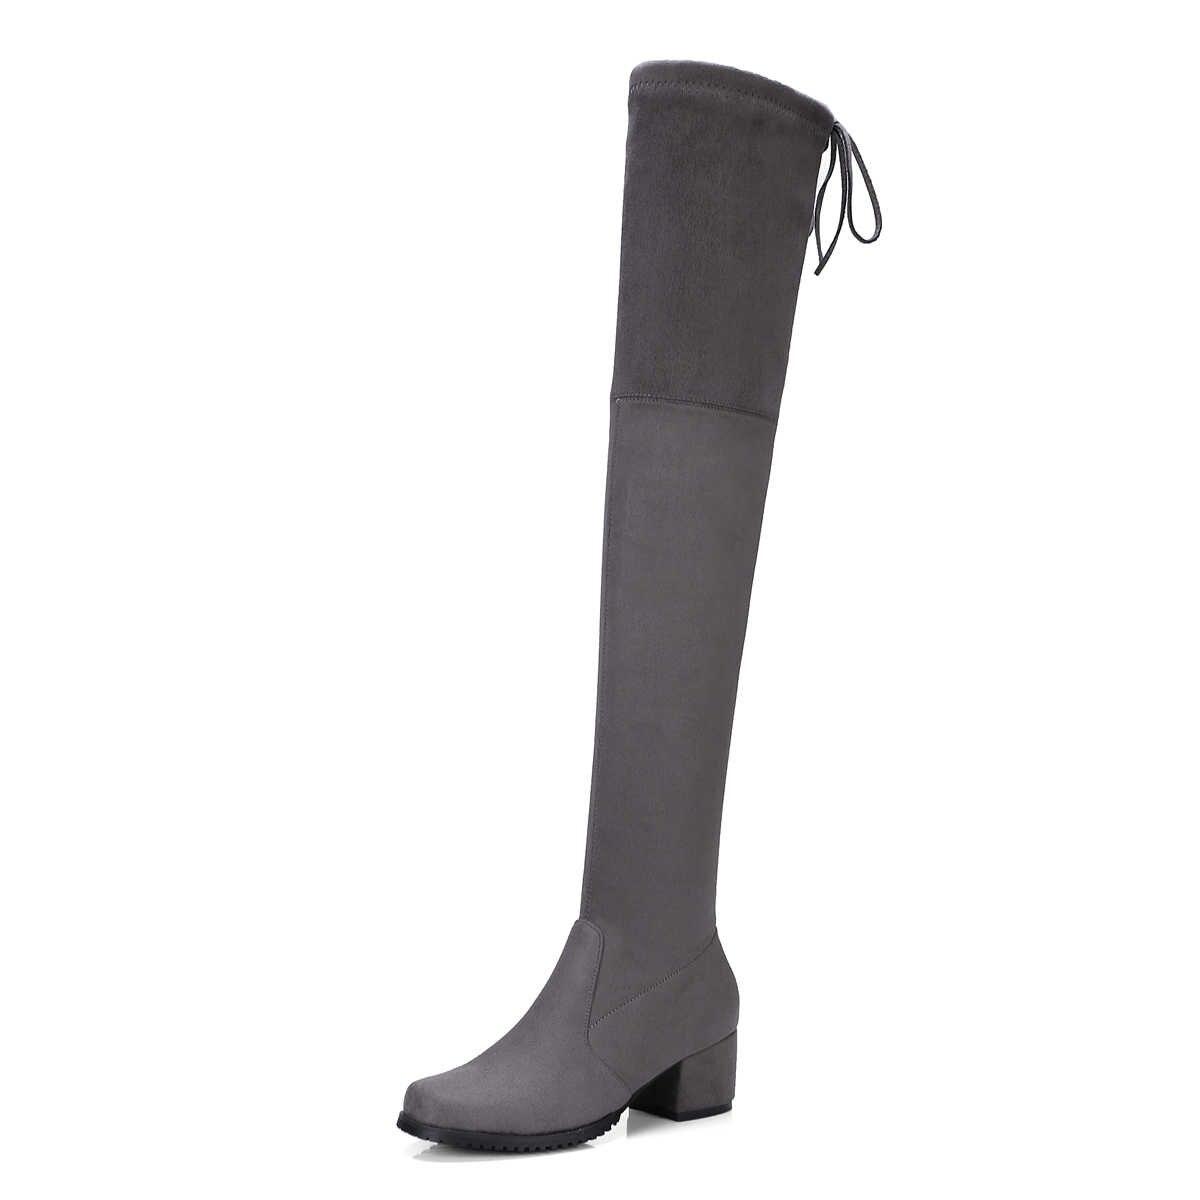 QZYERAI/Новое поступление, высокие сапоги до колена на среднем каблуке женские сапоги с тонким ремешком модная женская обувь Европейский сексуальный стиль